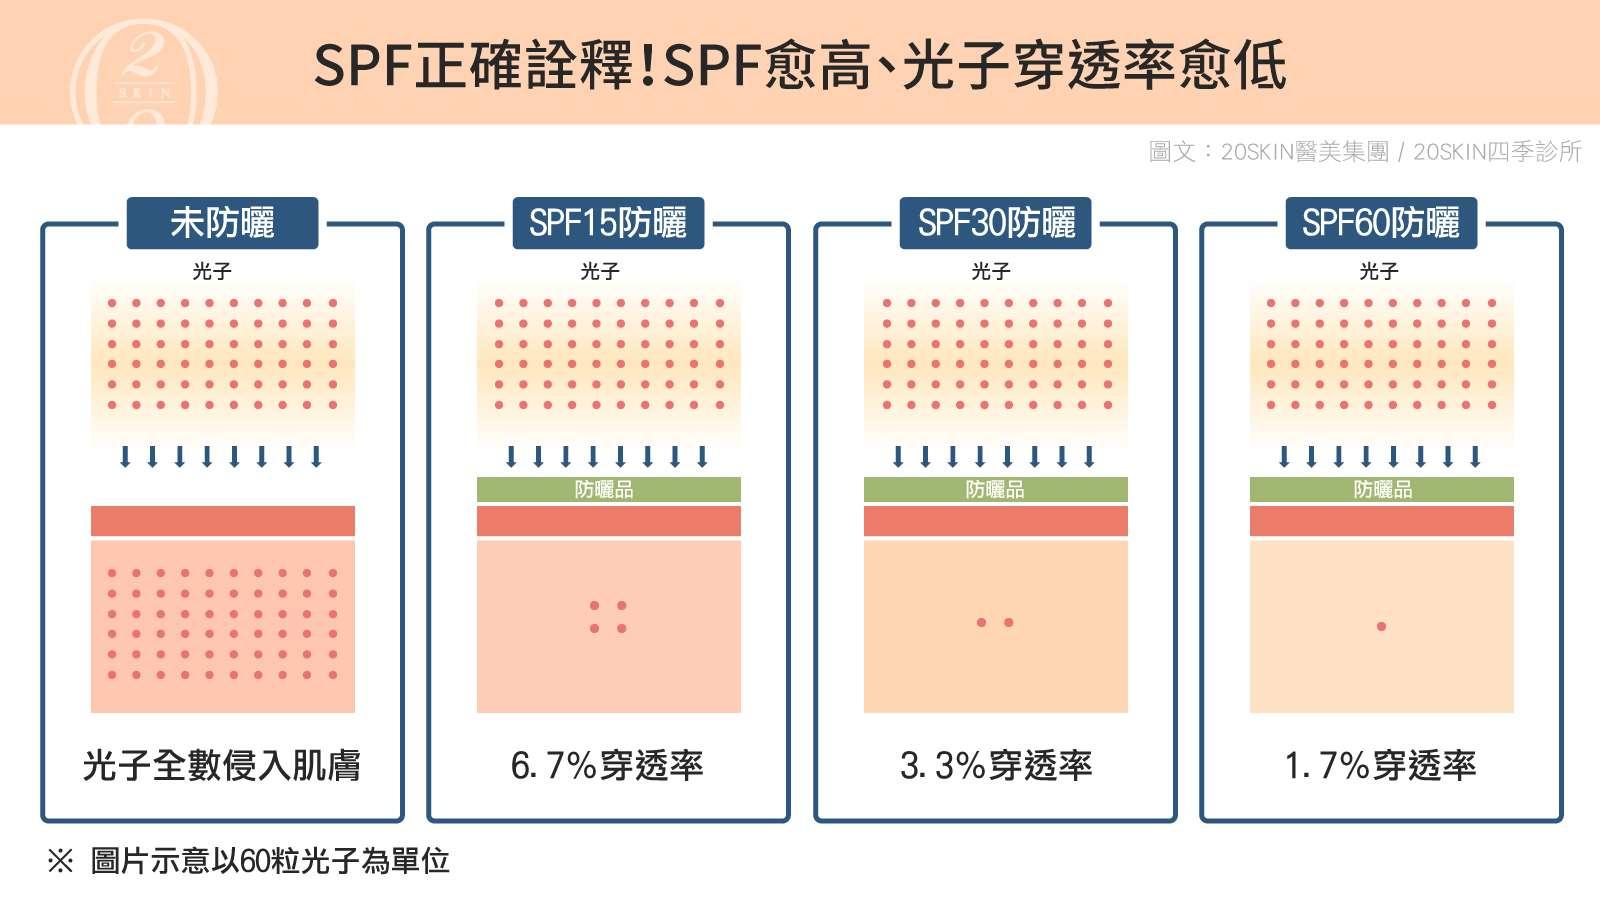 防曬SPF愈高,光子穿透率愈低